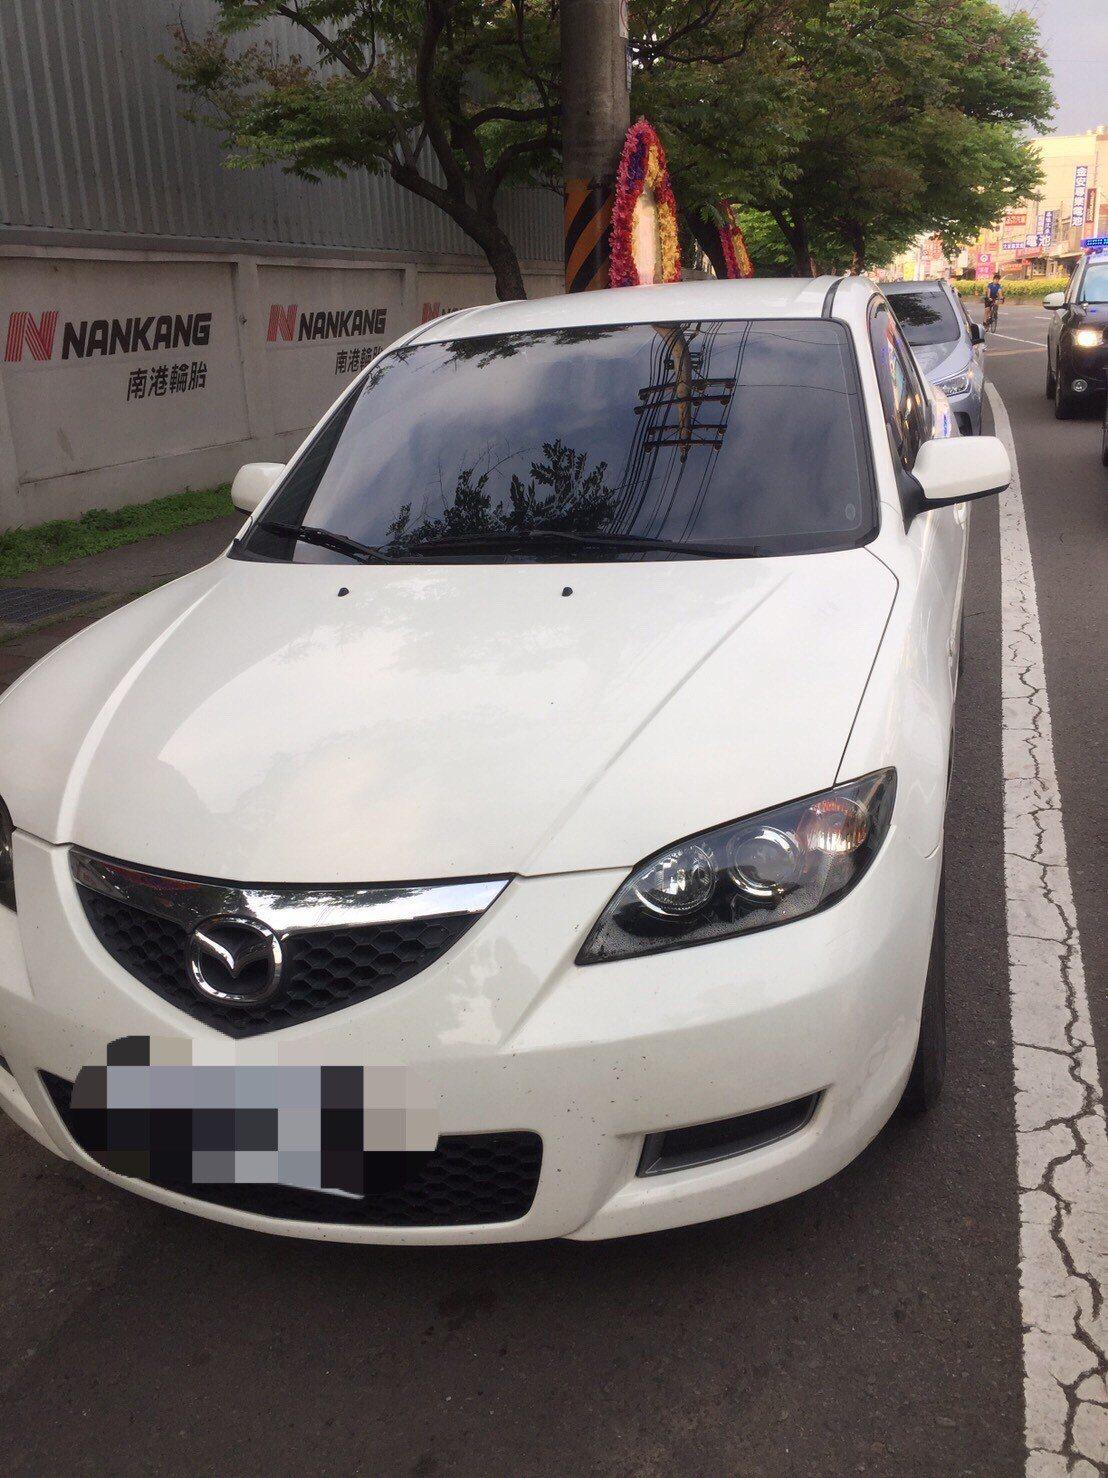 新竹縣警方昨天在輪胎行旁圍牆逮捕偷竊縣府超商的歐嫌,當時他正在竊取自小客車AYZ...